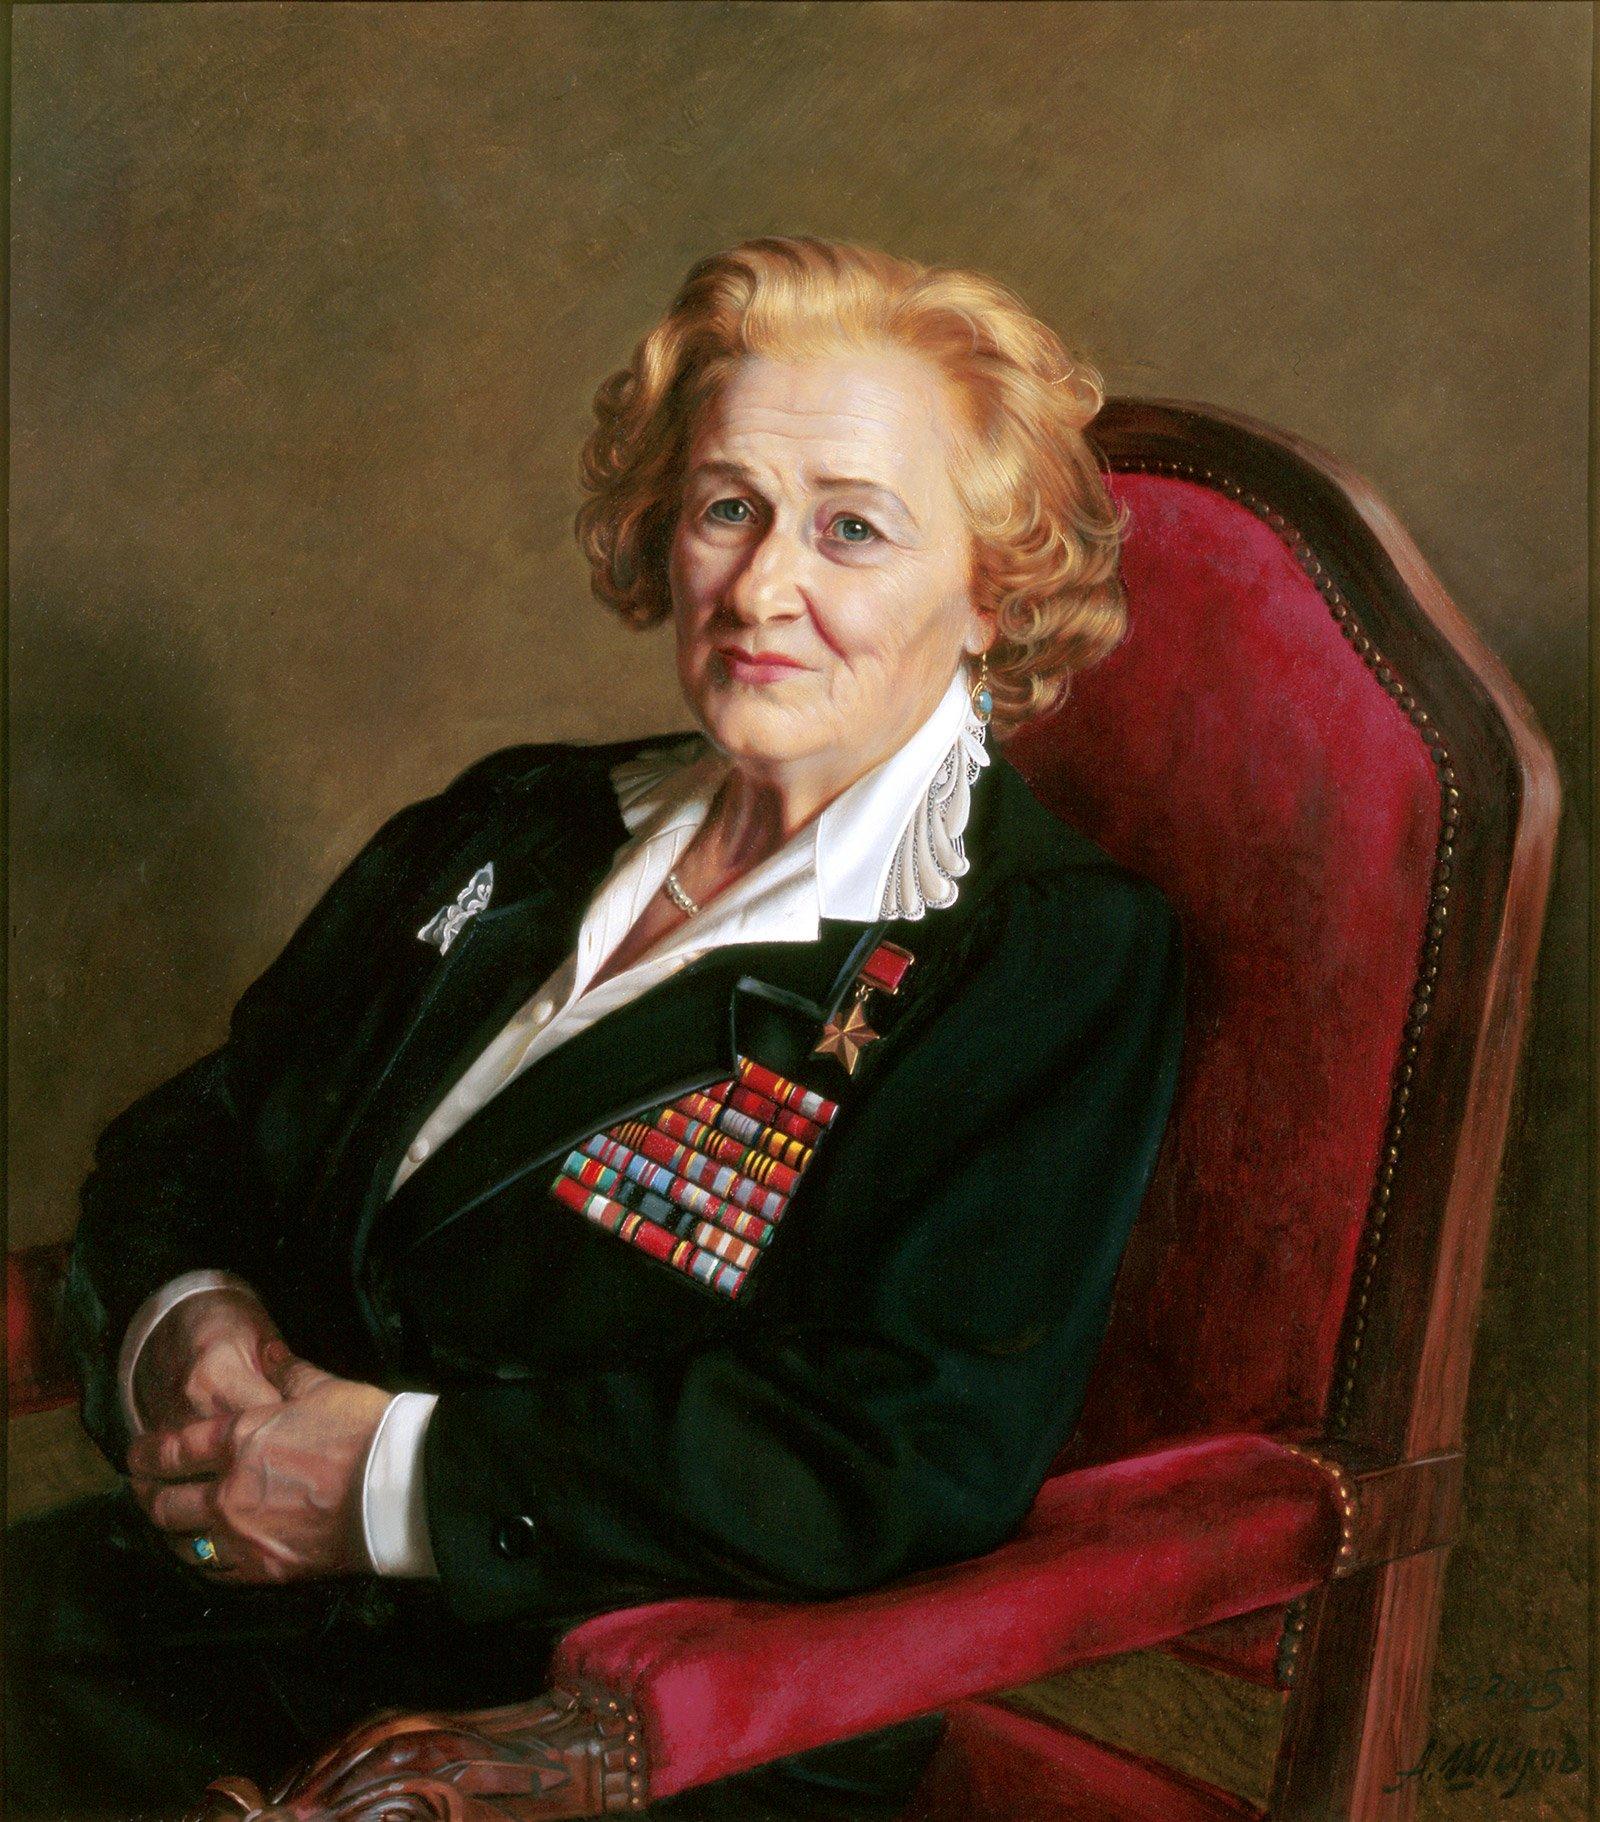 А. Шилов. Портрет Надежды Поповой. 2005 год